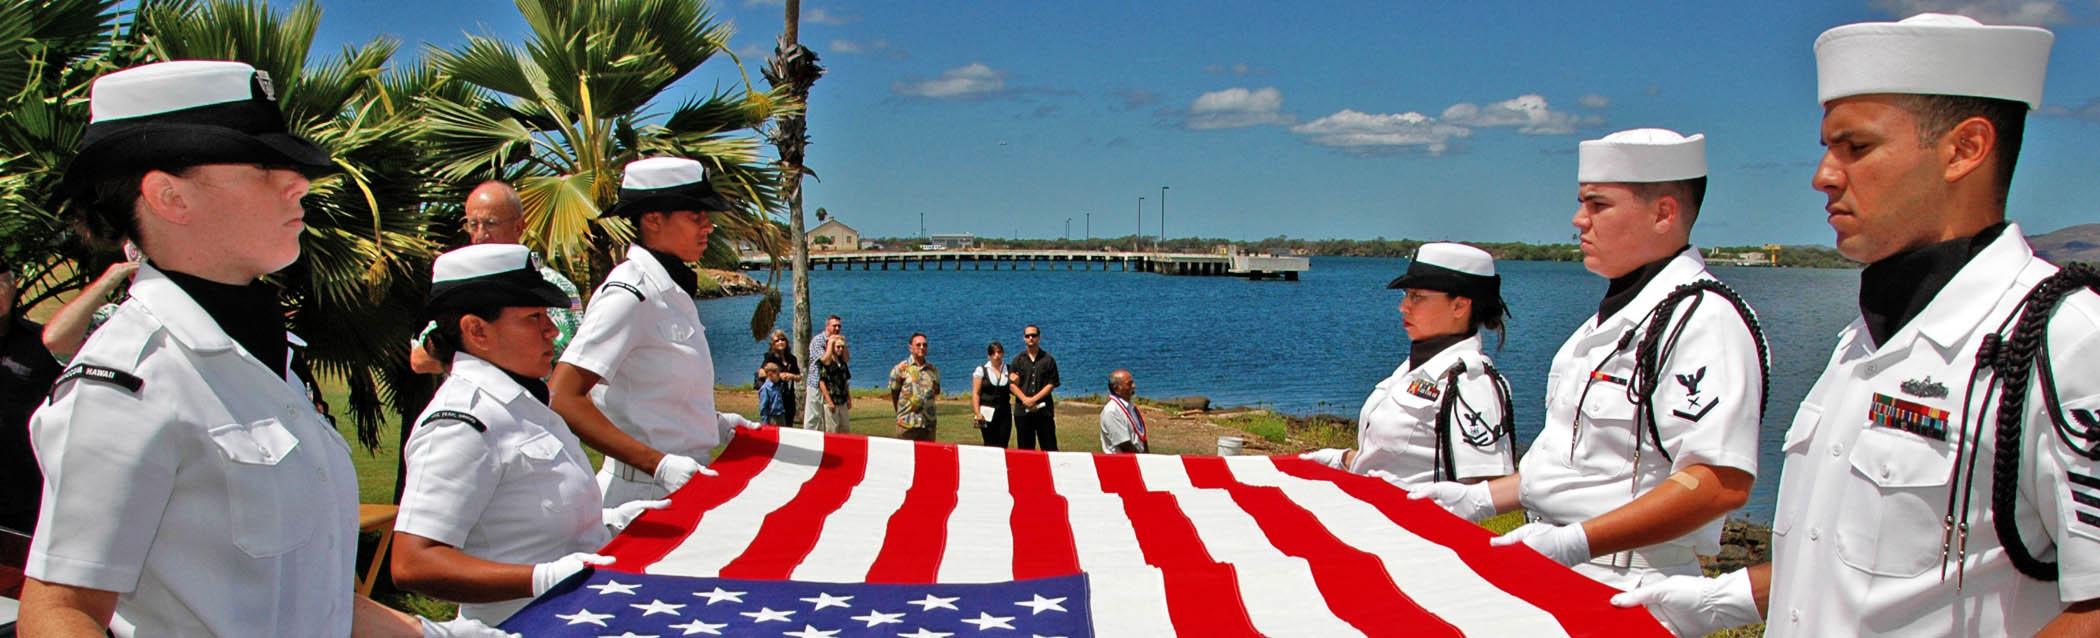 Veteran Flag Folding Meaning